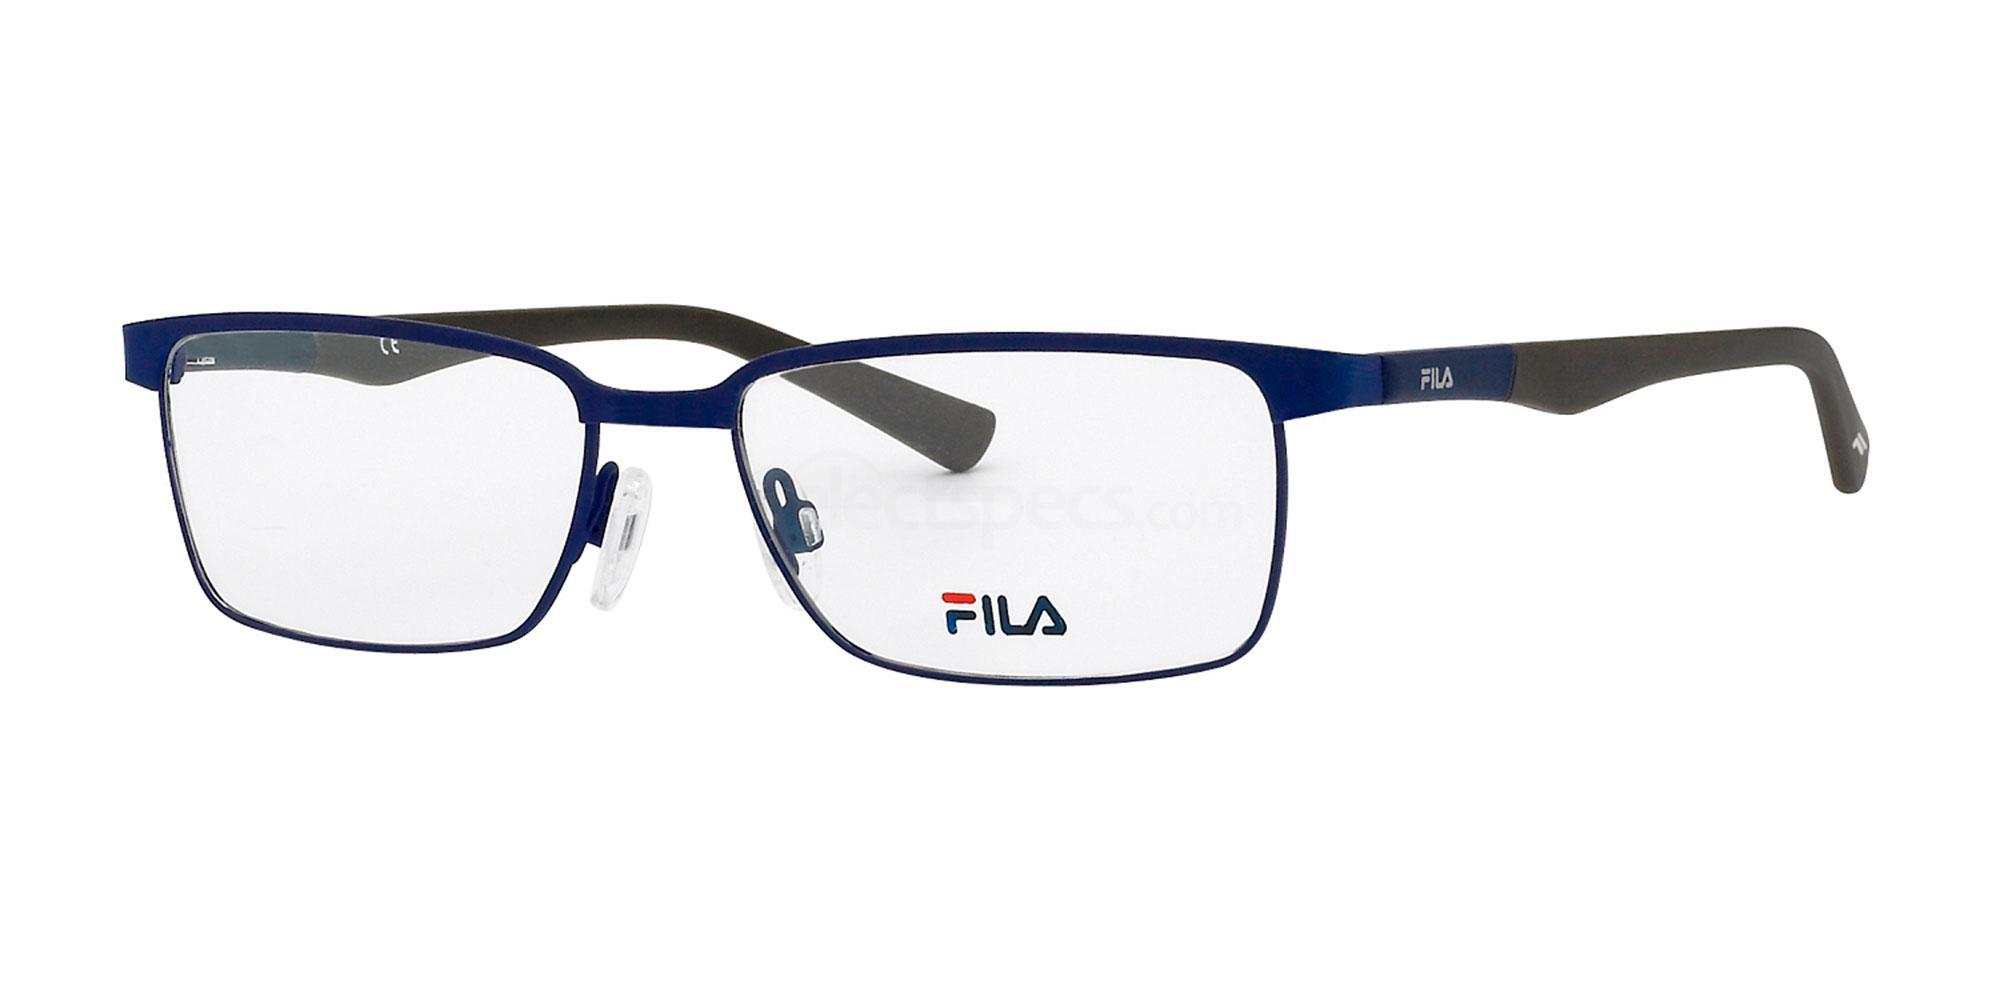 0KAB VF9761 Glasses, Fila